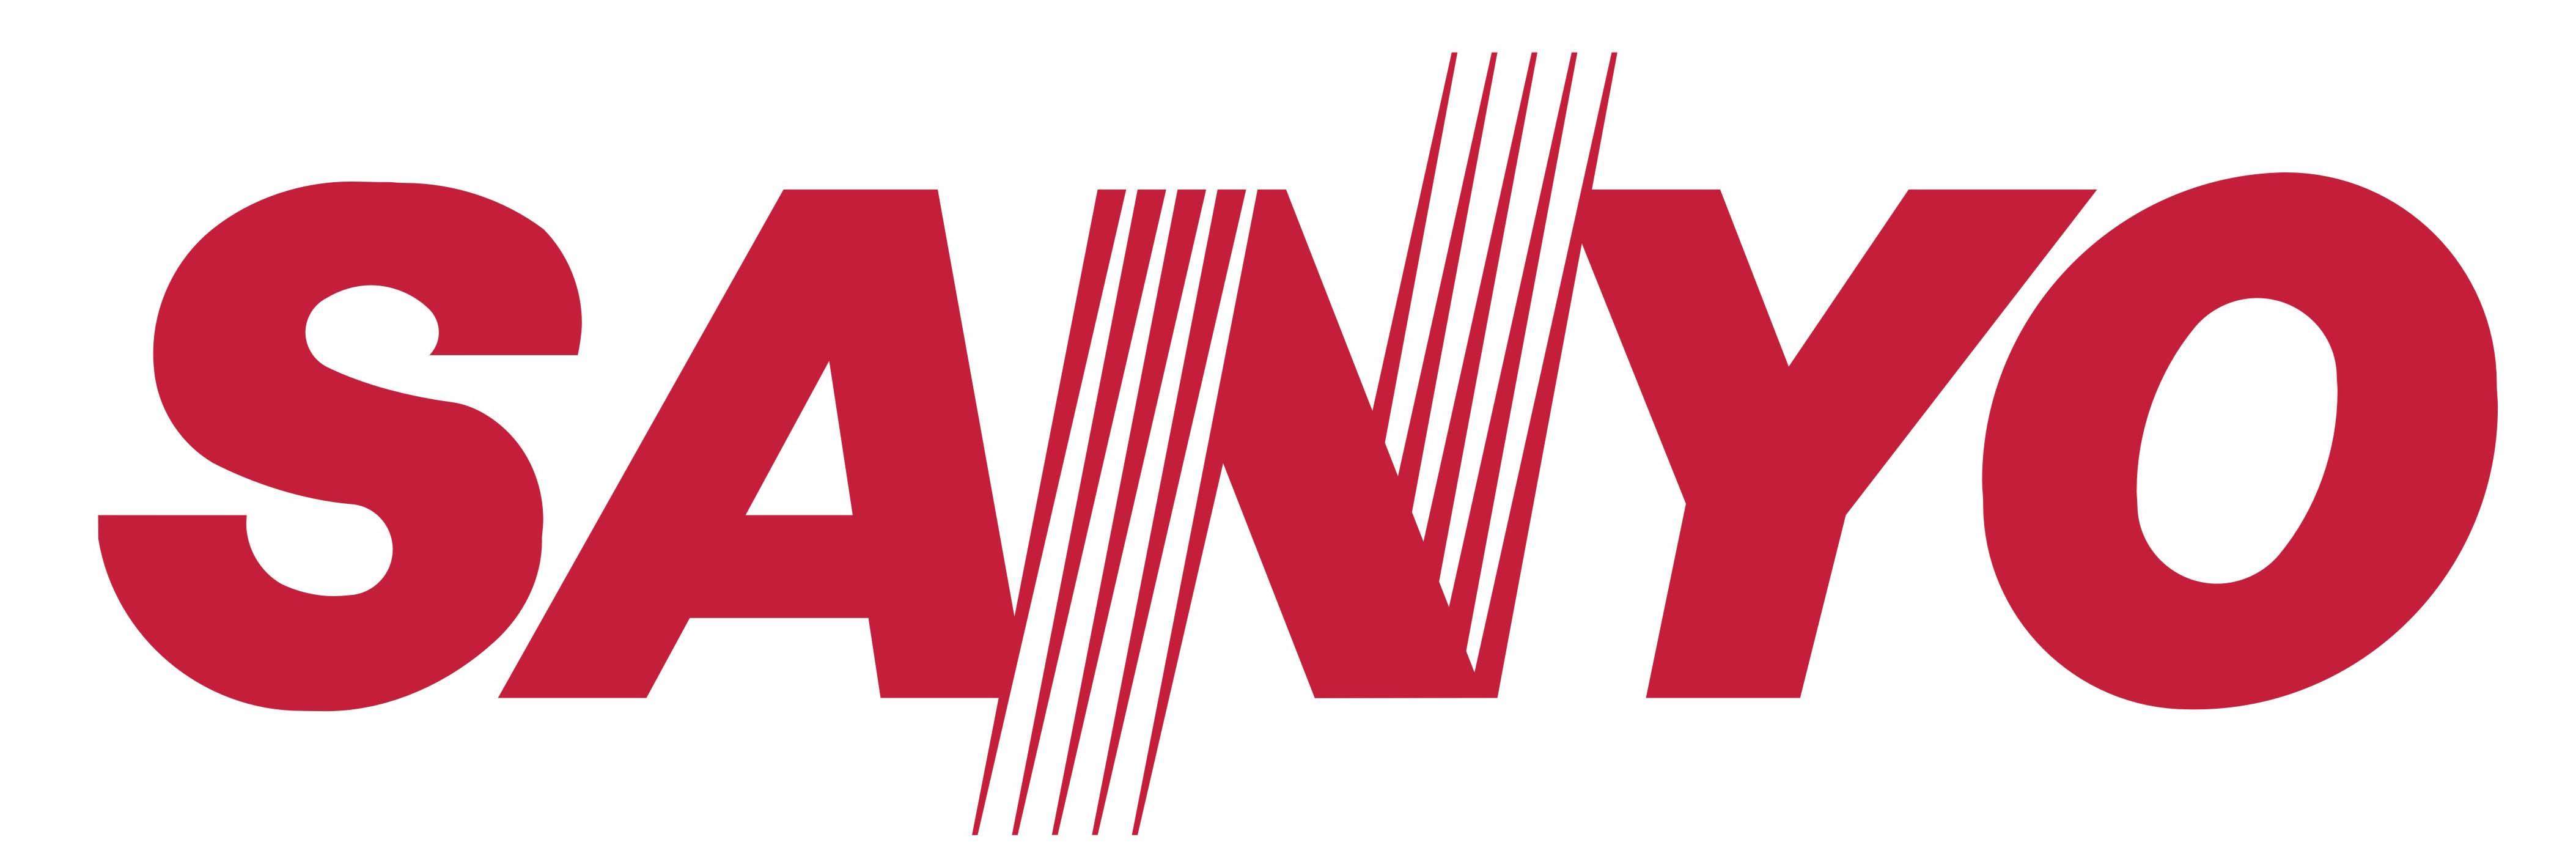 Sanyo logo wallpapers HD